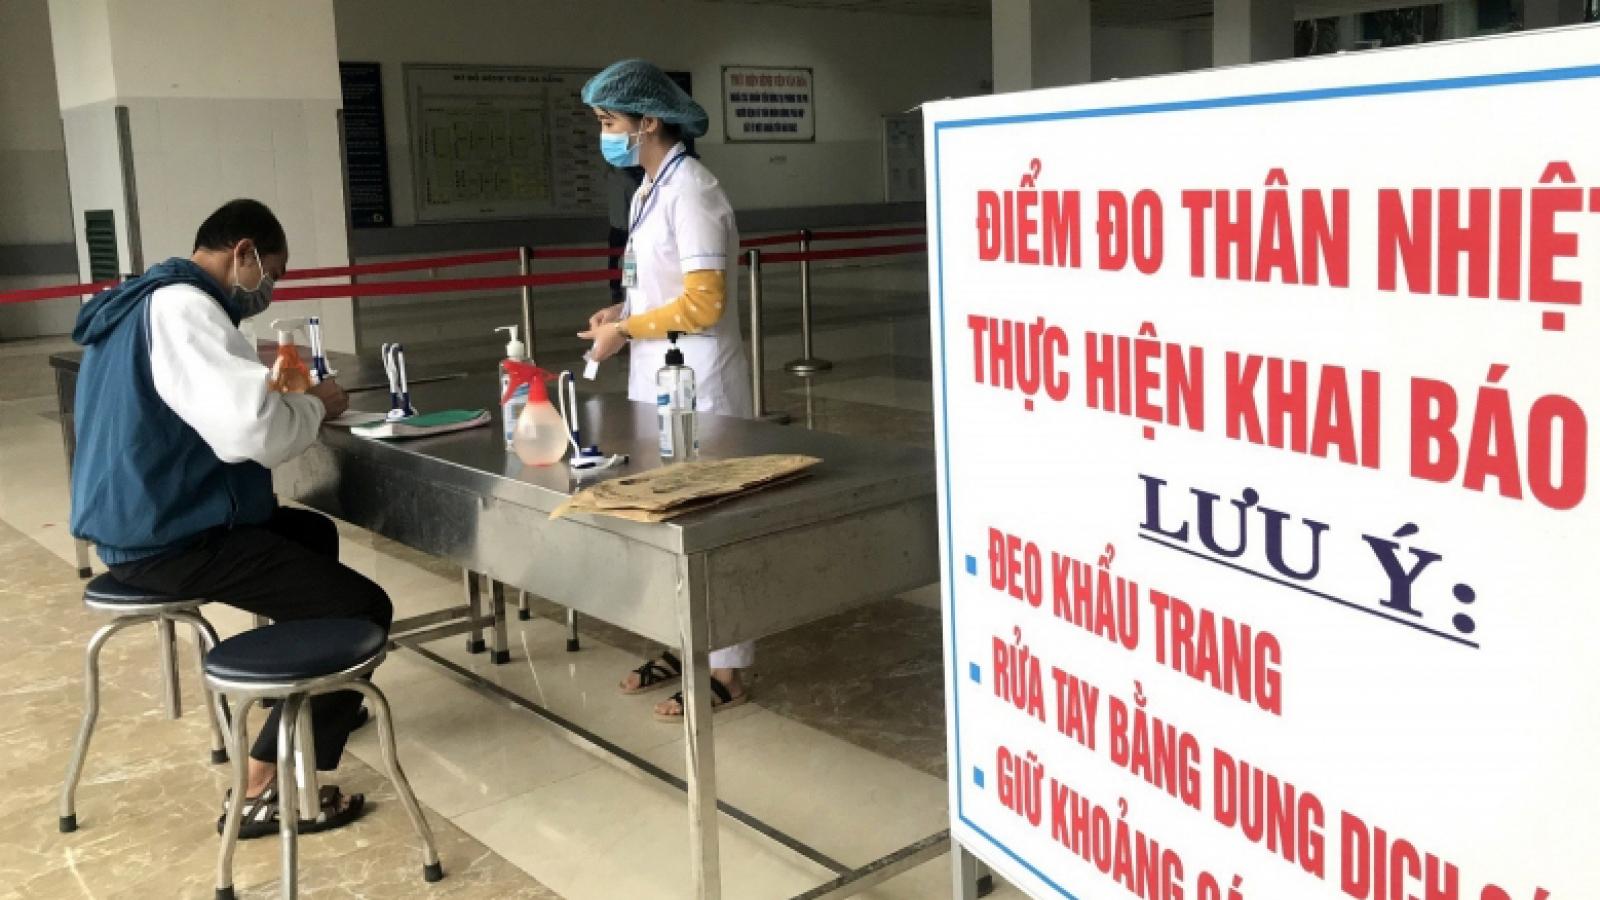 Cơ sở y tế Đà Nẵng mở rộng khám chữa bệnh, sẵn sàng trạng thái bình thường mới